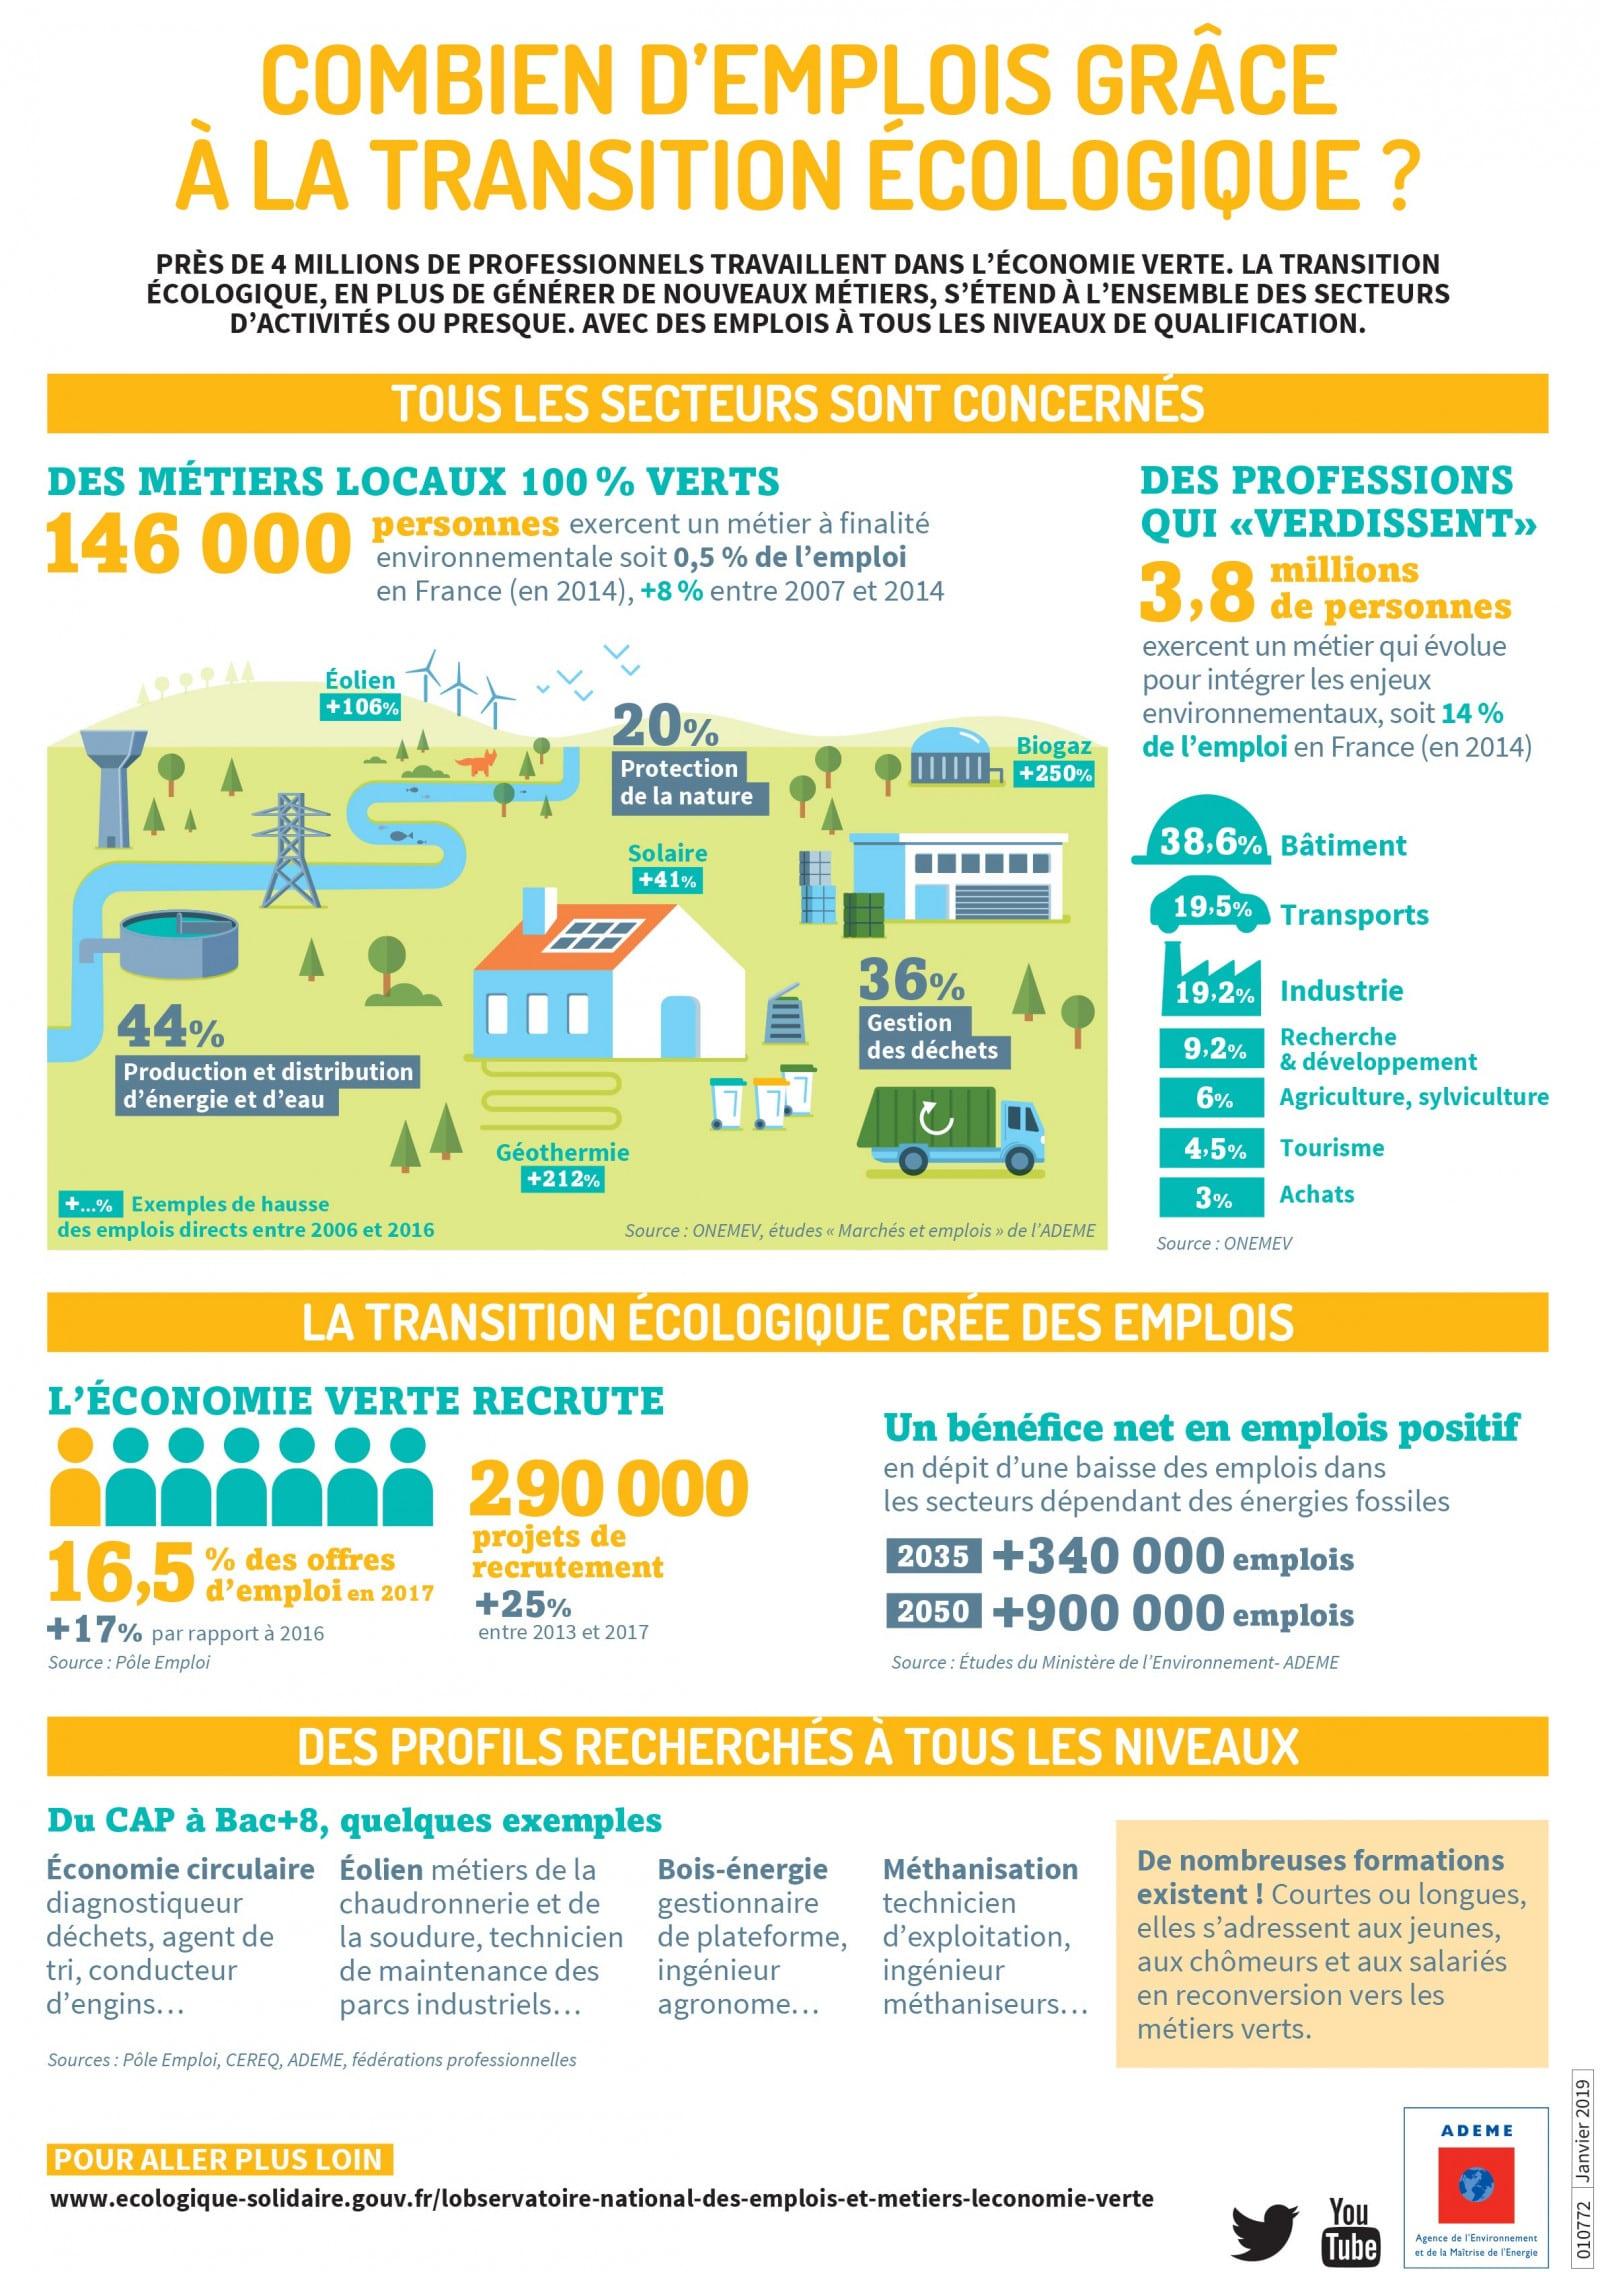 [Infographie] Combien d'#emplois grâce à la #transition #écologique ?